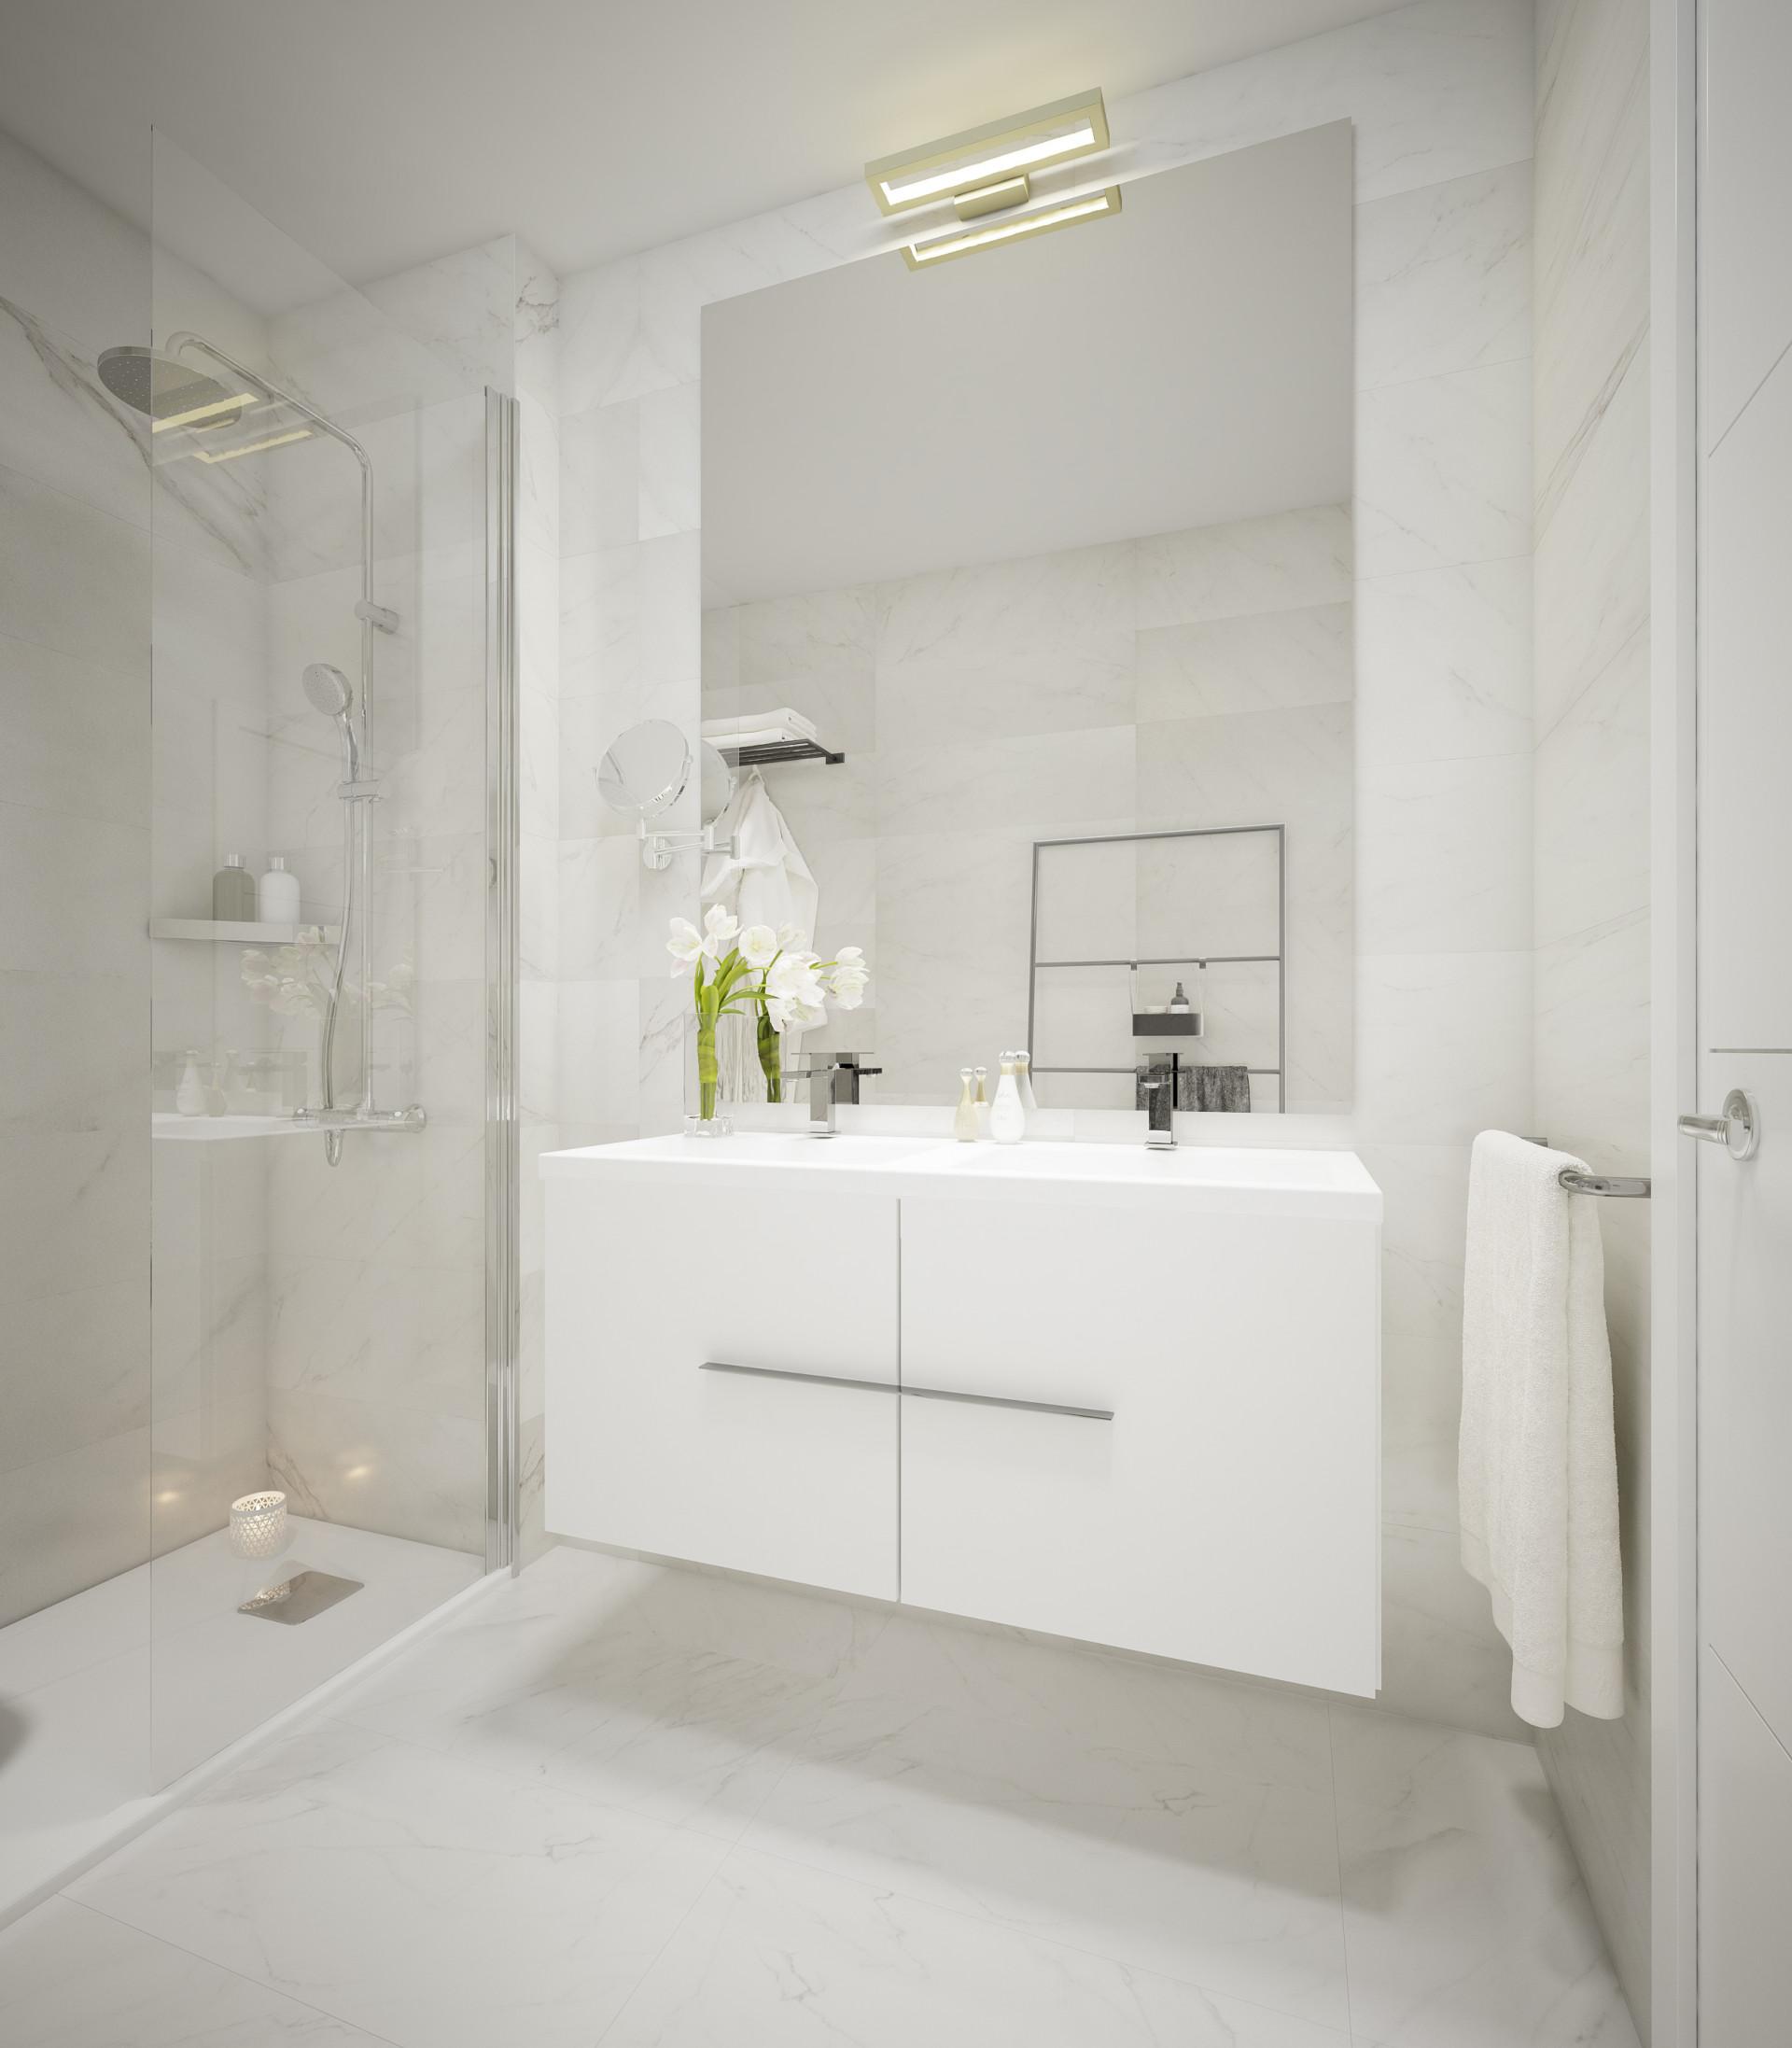 Apartment for sale in Cancelada, Estepona